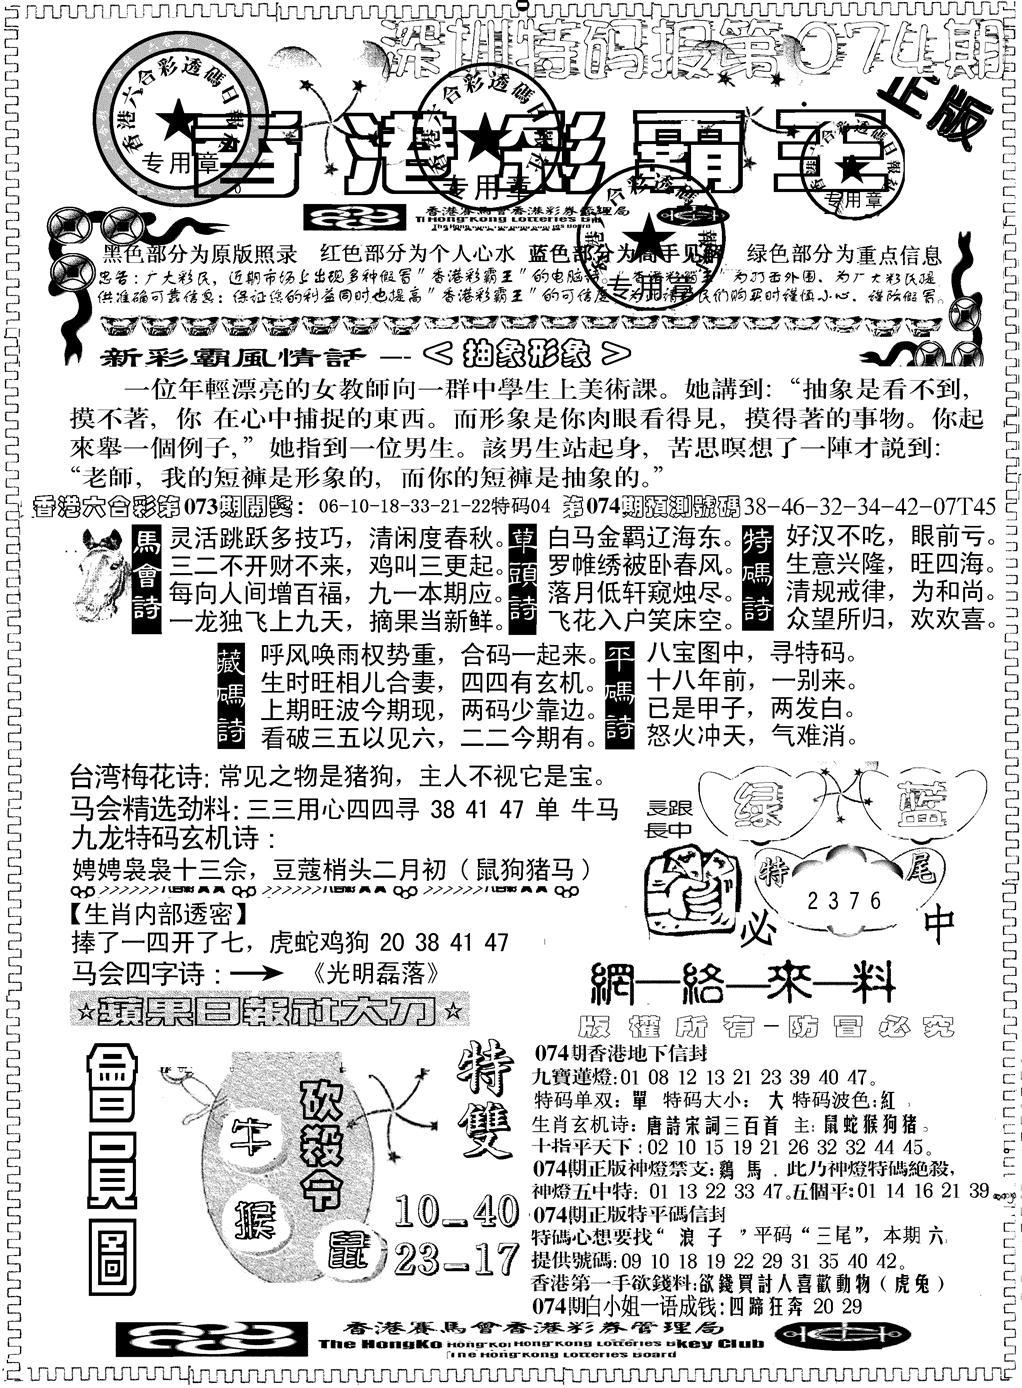 074期另版新版彩霸王A(黑白)